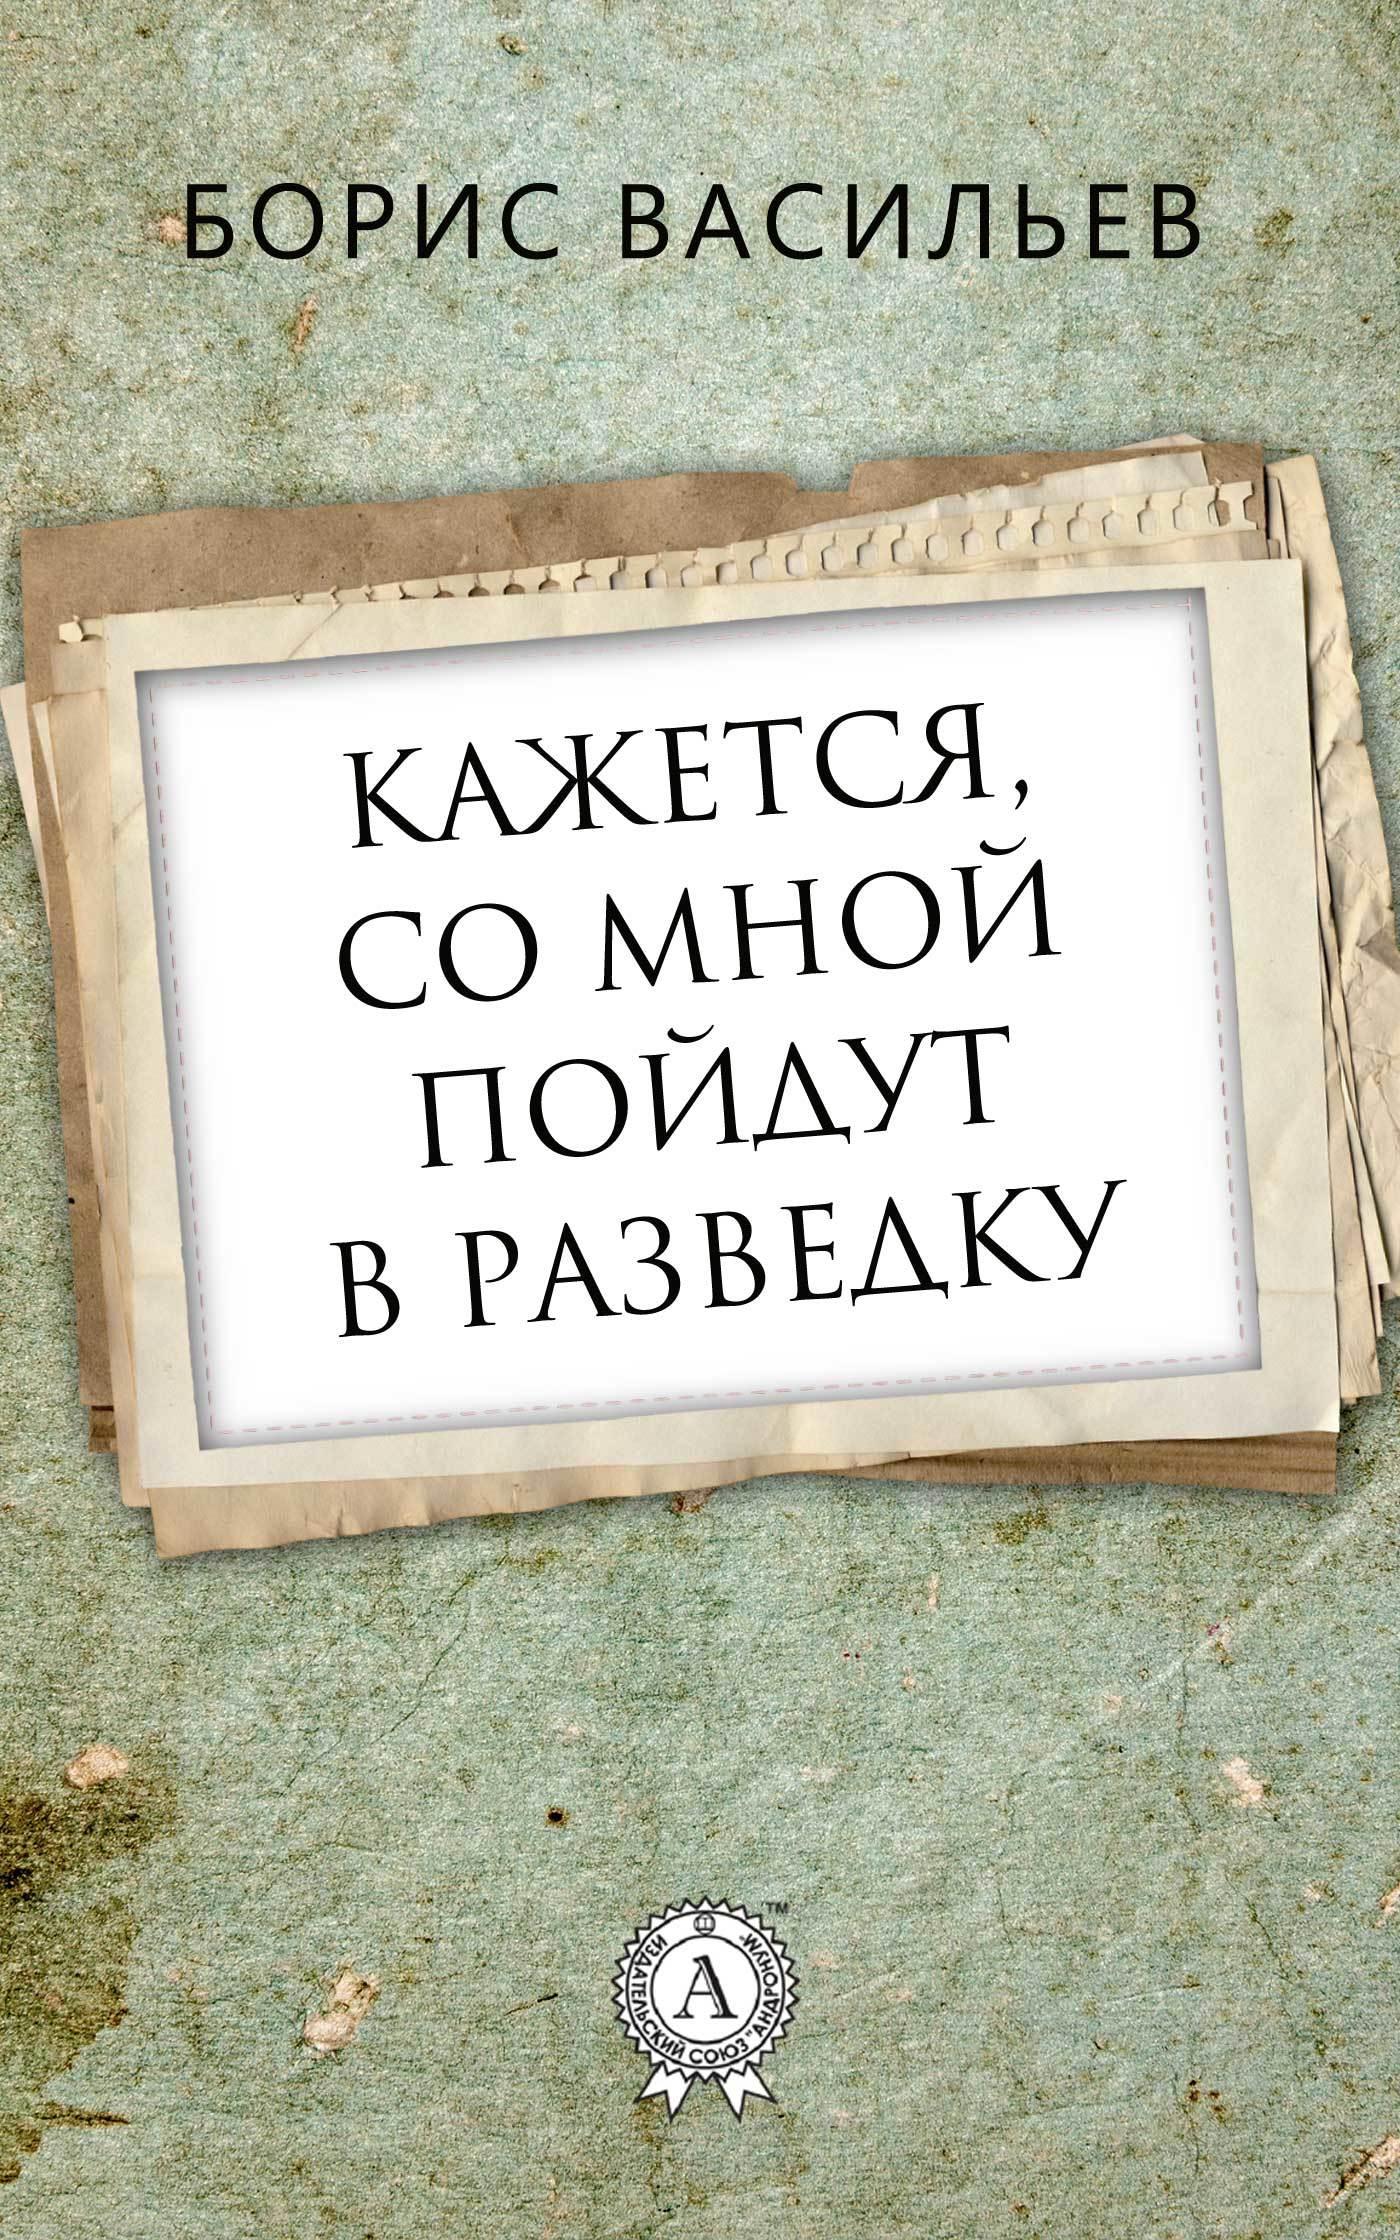 Борис Васильев Кажется, со мной пойдут в разведку борис васильев кажется со мной пойдут в разведку